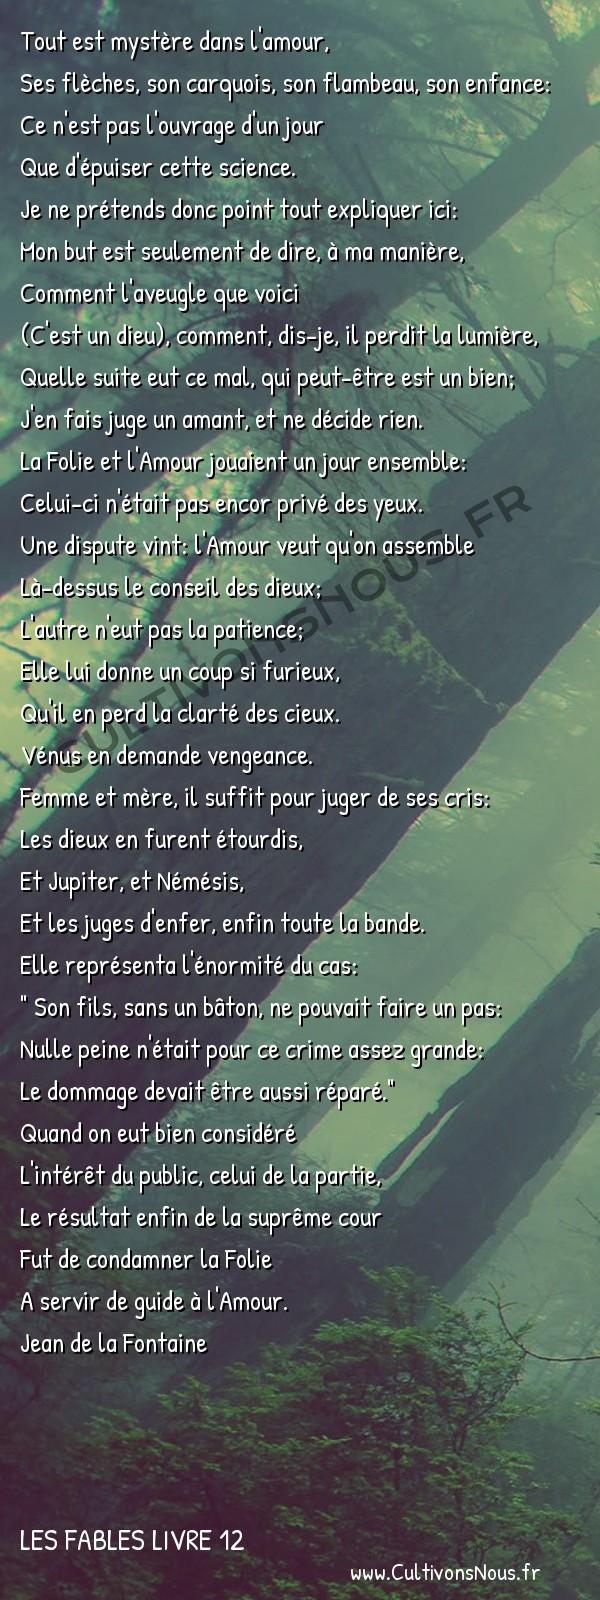 Fables Jean de la Fontaine - Les fables Livre 12 - L'Amour et la Folie -   Tout est mystère dans l'amour, Ses flèches, son carquois, son flambeau, son enfance: